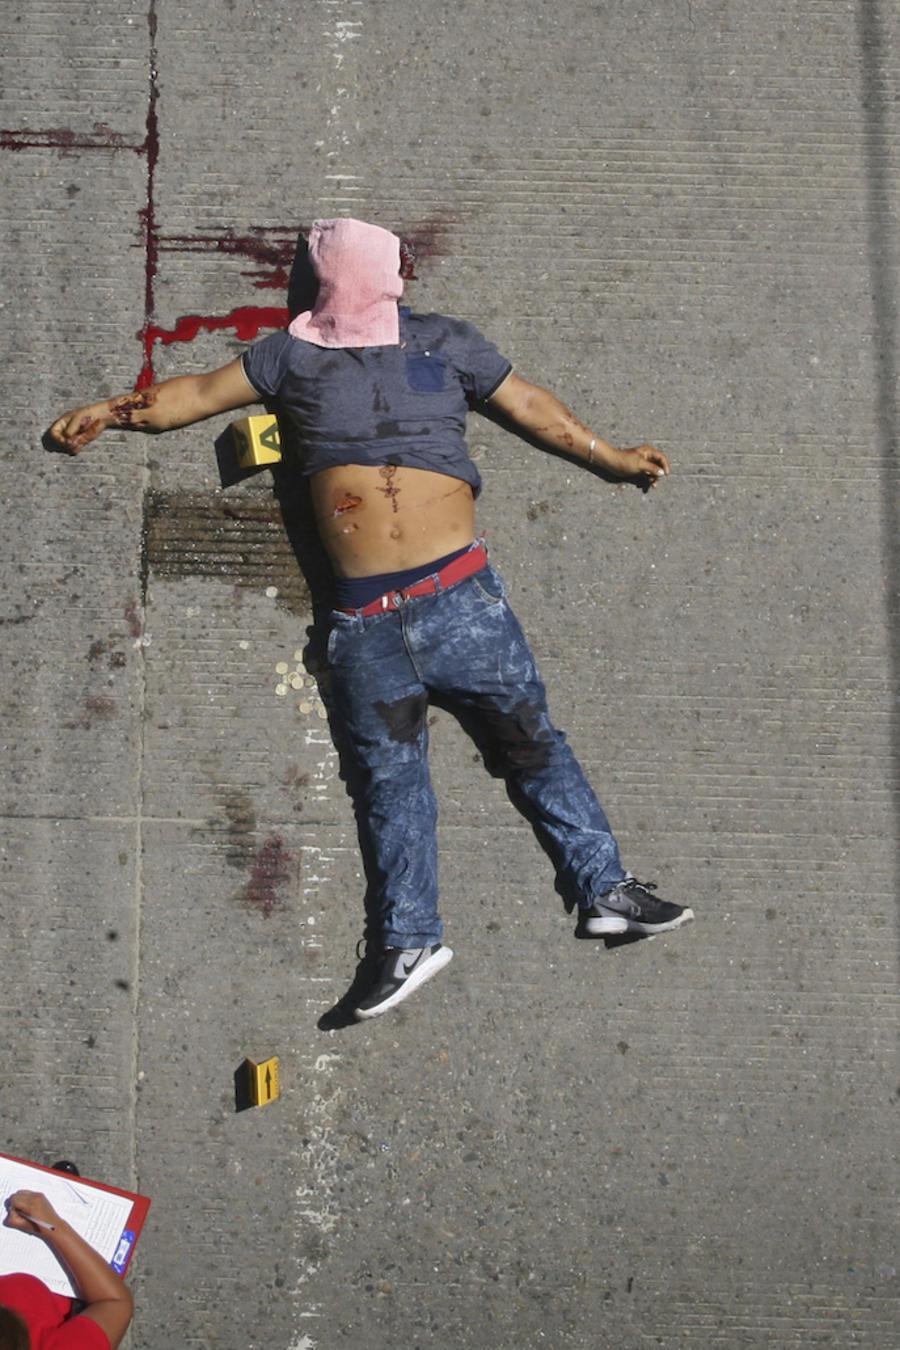 Investigación de un asesinato en Acapulco en agosto de 2017.